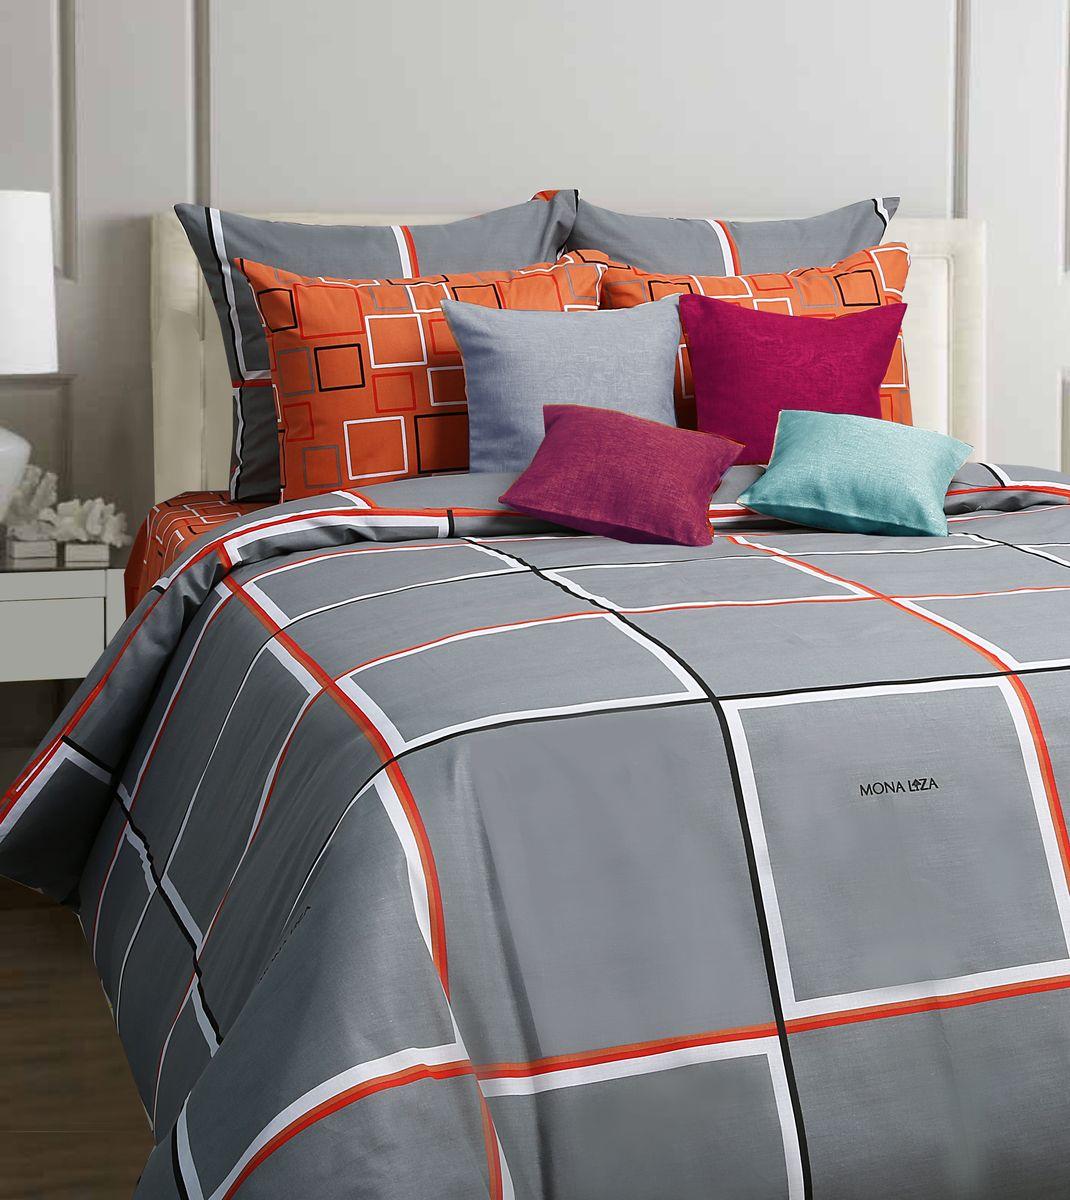 Комплект белья Mona Liza Jack, 2-спальное, наволочки 70x70, цвет: серый552203/07Коллекция постельного белья MONA LIZA Classic поражает многообразием дизайнов. Среди них легко подобрать необходимый рисунок, который создаст в доме уют. Комплекты выполнены из бязи 100 % хлопка.